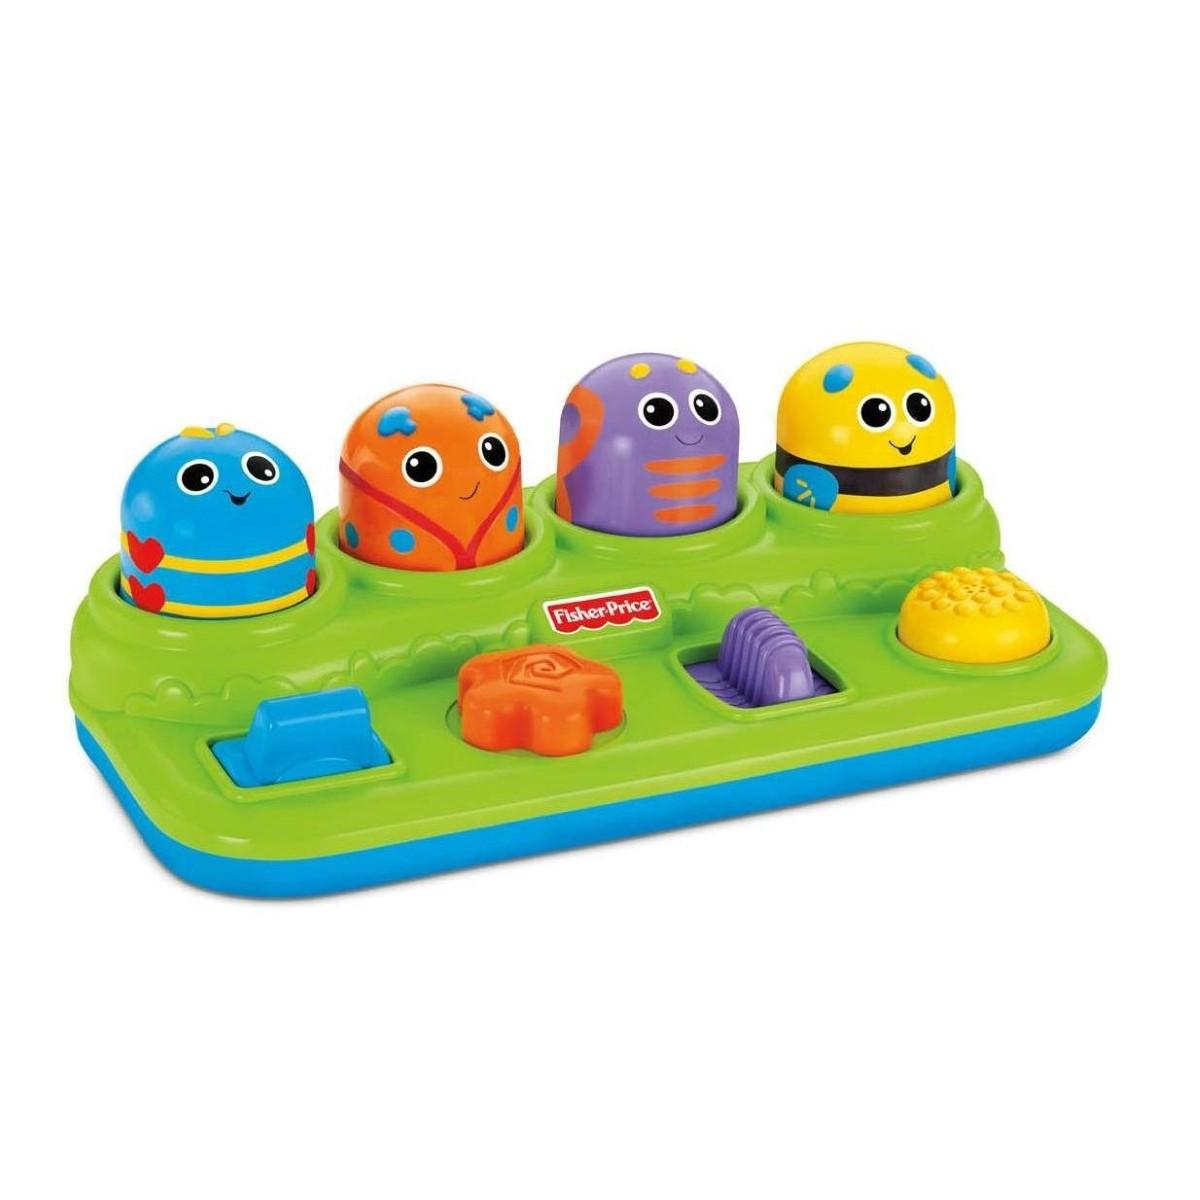 Игрушки для малышей 6 месяцев какие